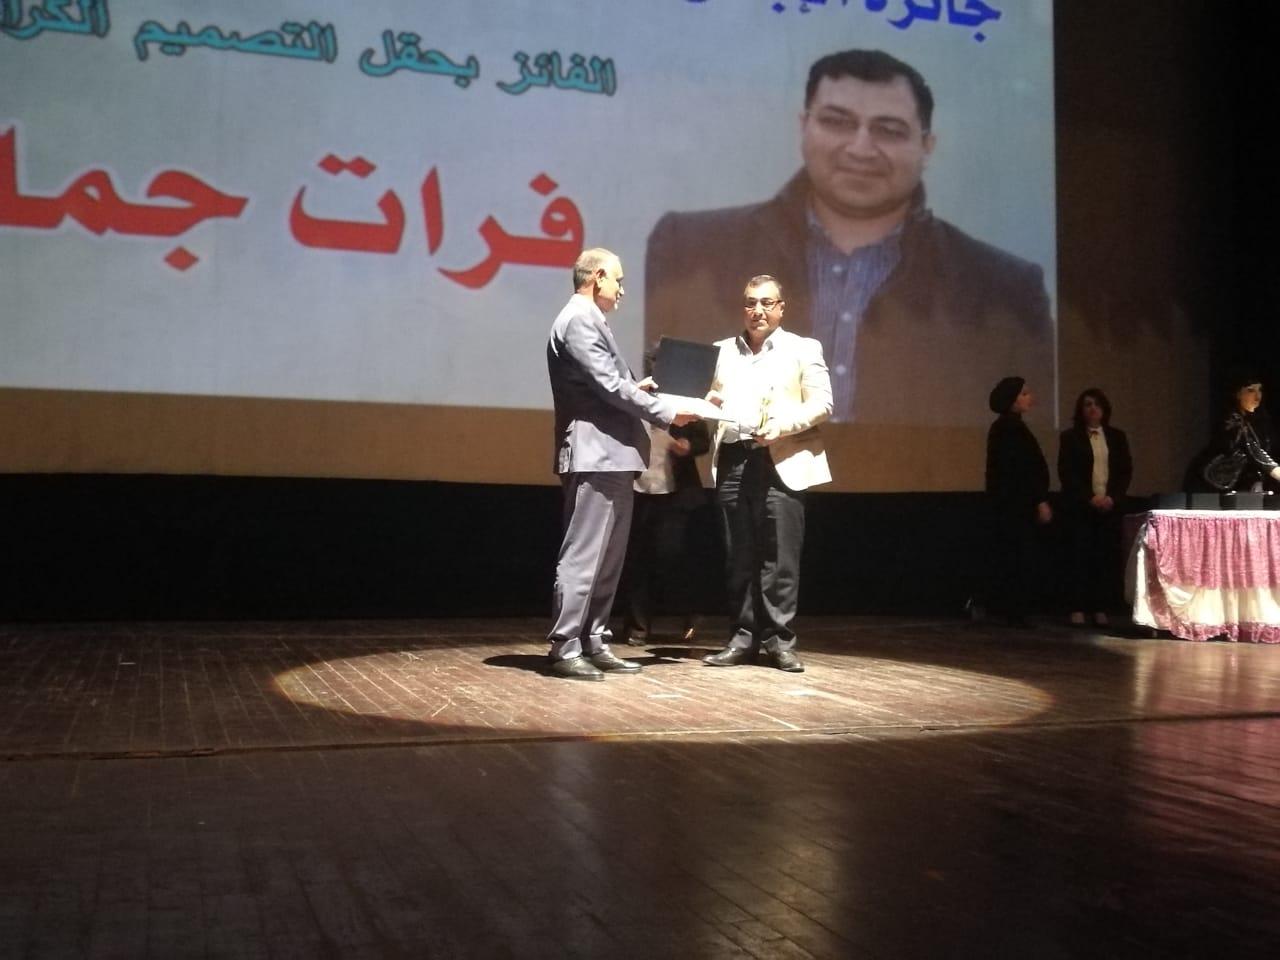 تدريسي يحصل على جائزة الابداع العراقي في مجال التصميم الكرافيكي